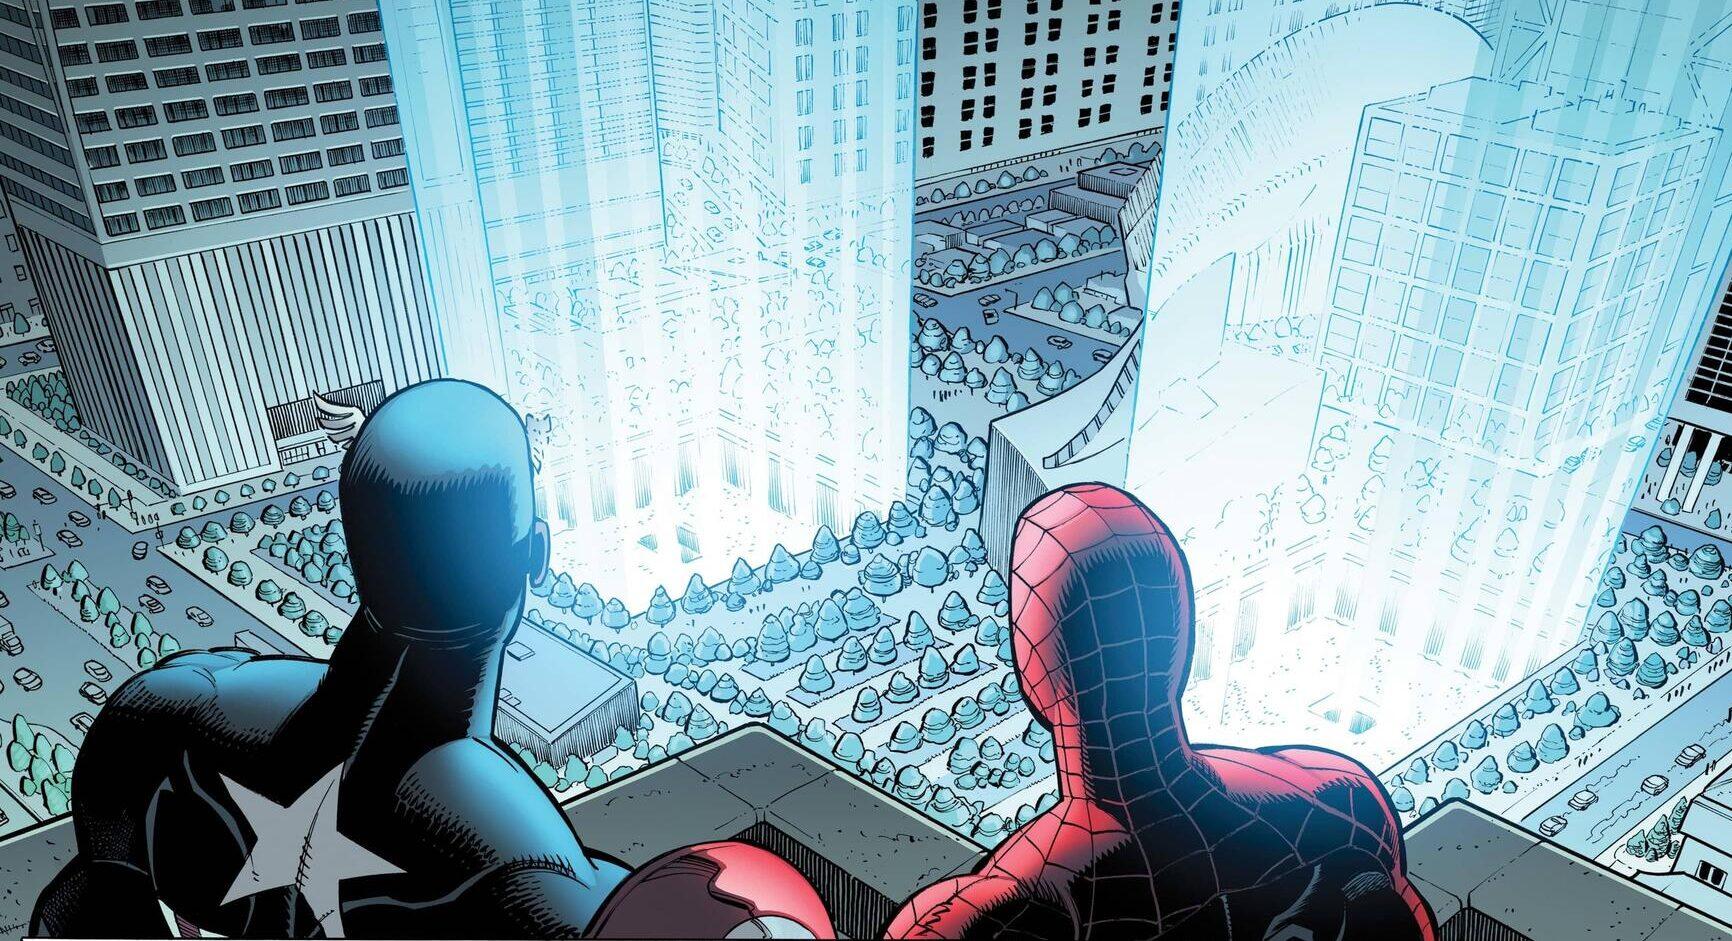 En commémoration du 11 septembre et en l'honneur des secouristes qui ont risqué ou laissé leur vie durant les attentats, Marvel a sorti THE FOUR FIVES (2021) #1.